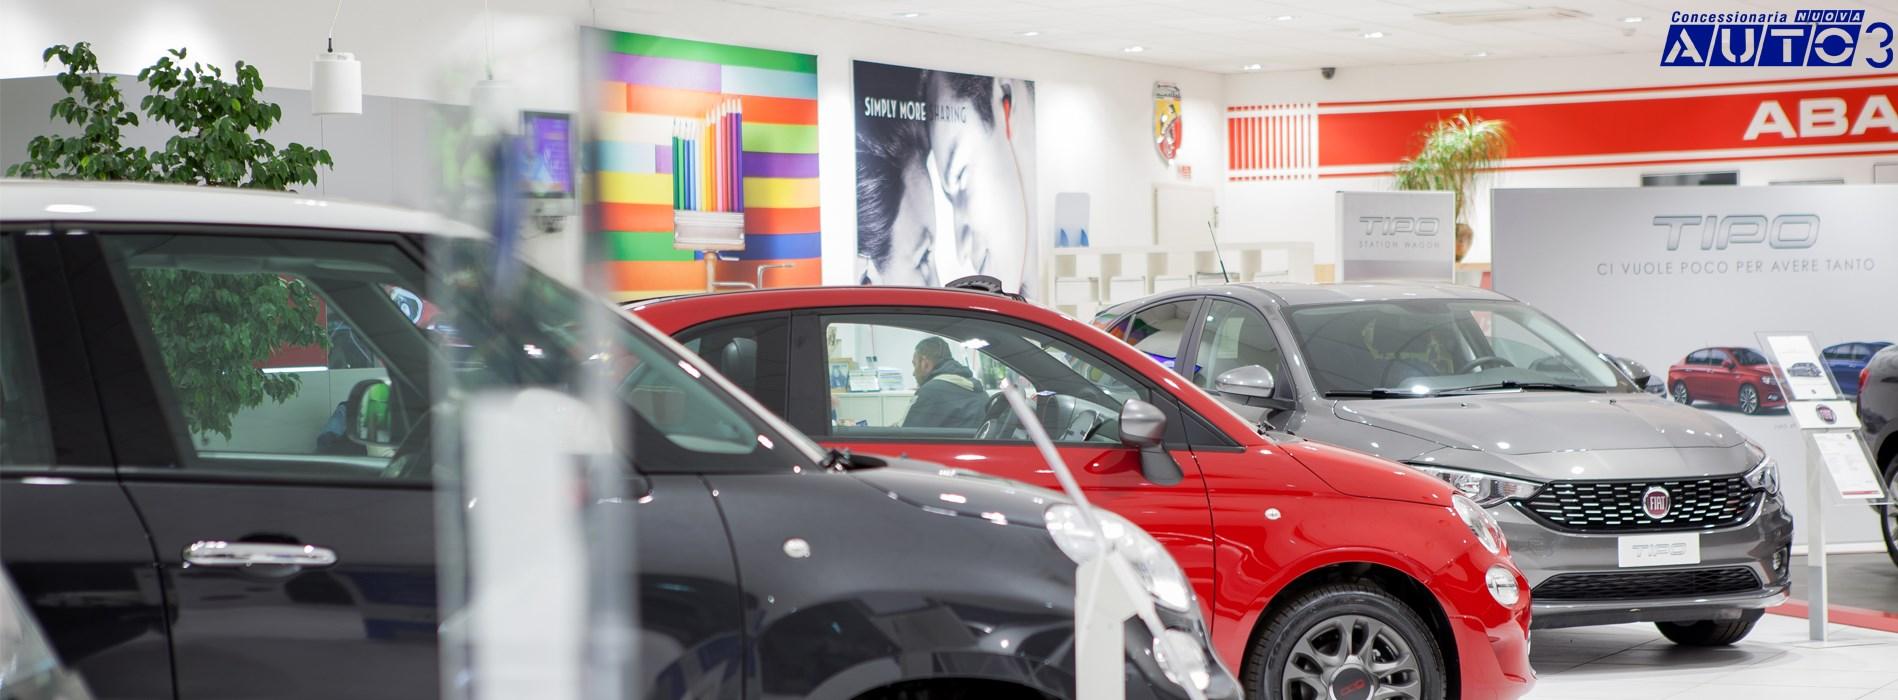 concesionaria-nuova-auto-tre-salone-auto